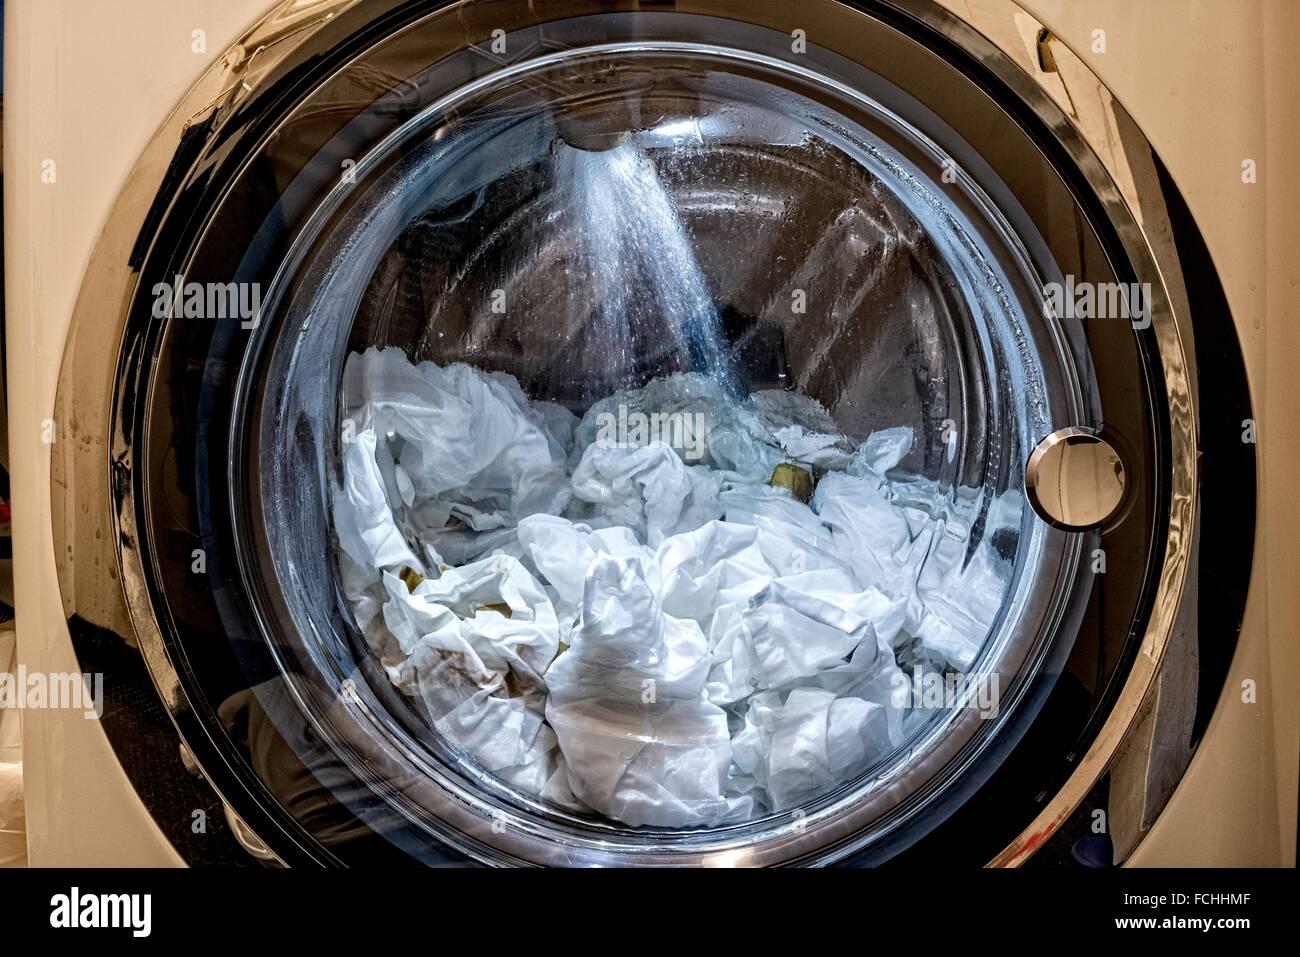 Eine ladung wäsche getan in einem frontlader waschmaschine spülen